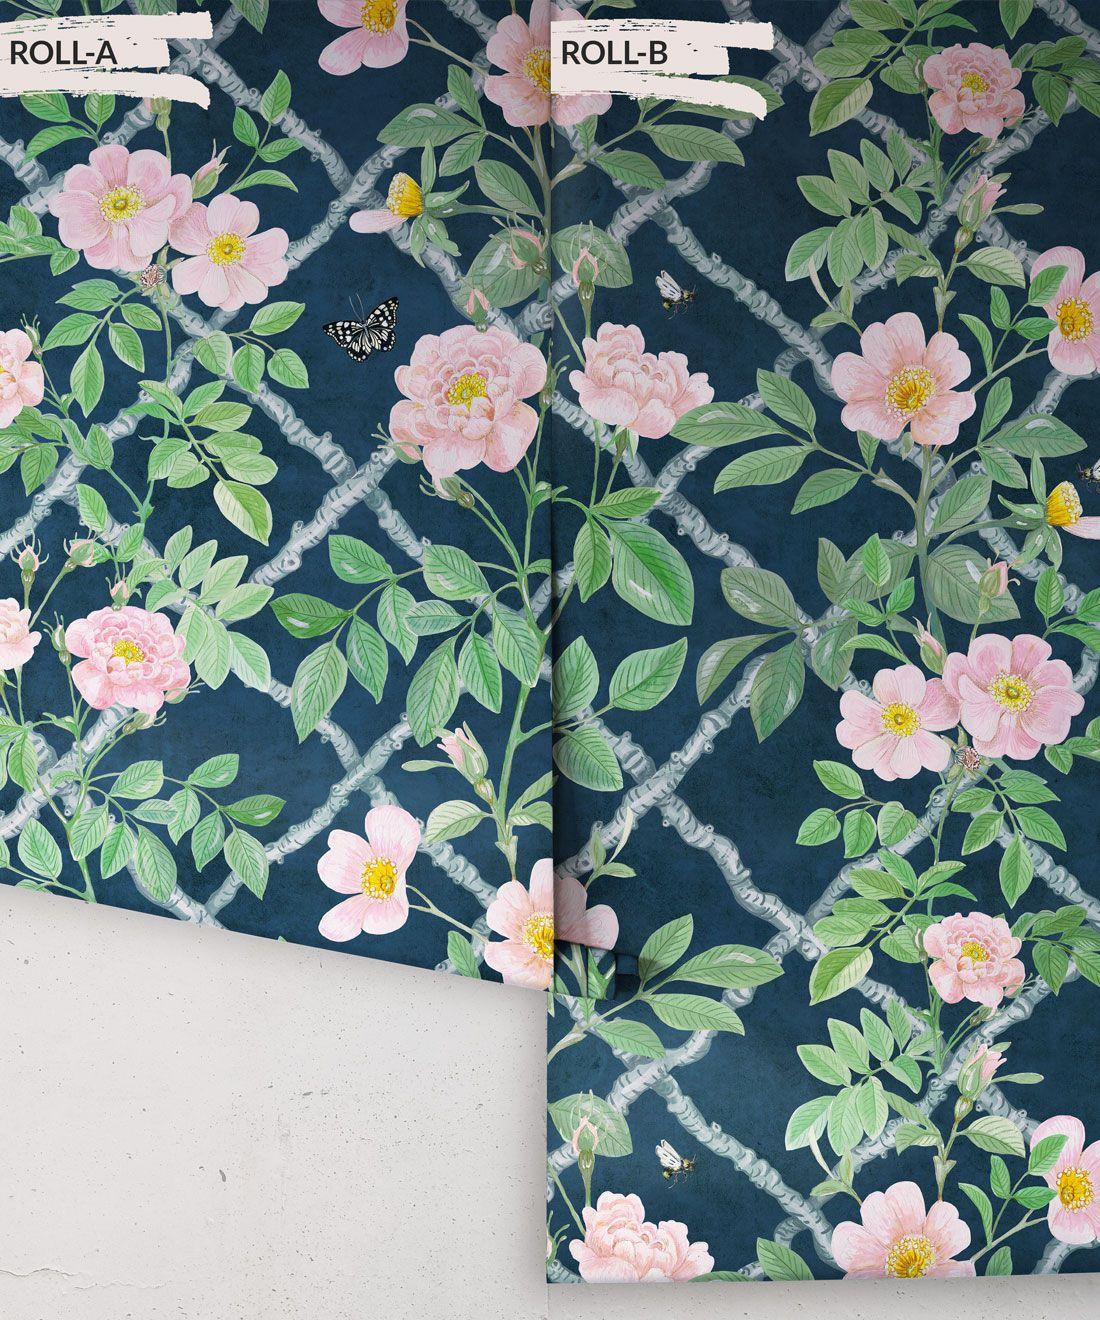 Treilage Wallpaper • Floral Wallpaper • Rose Pink • Rolls